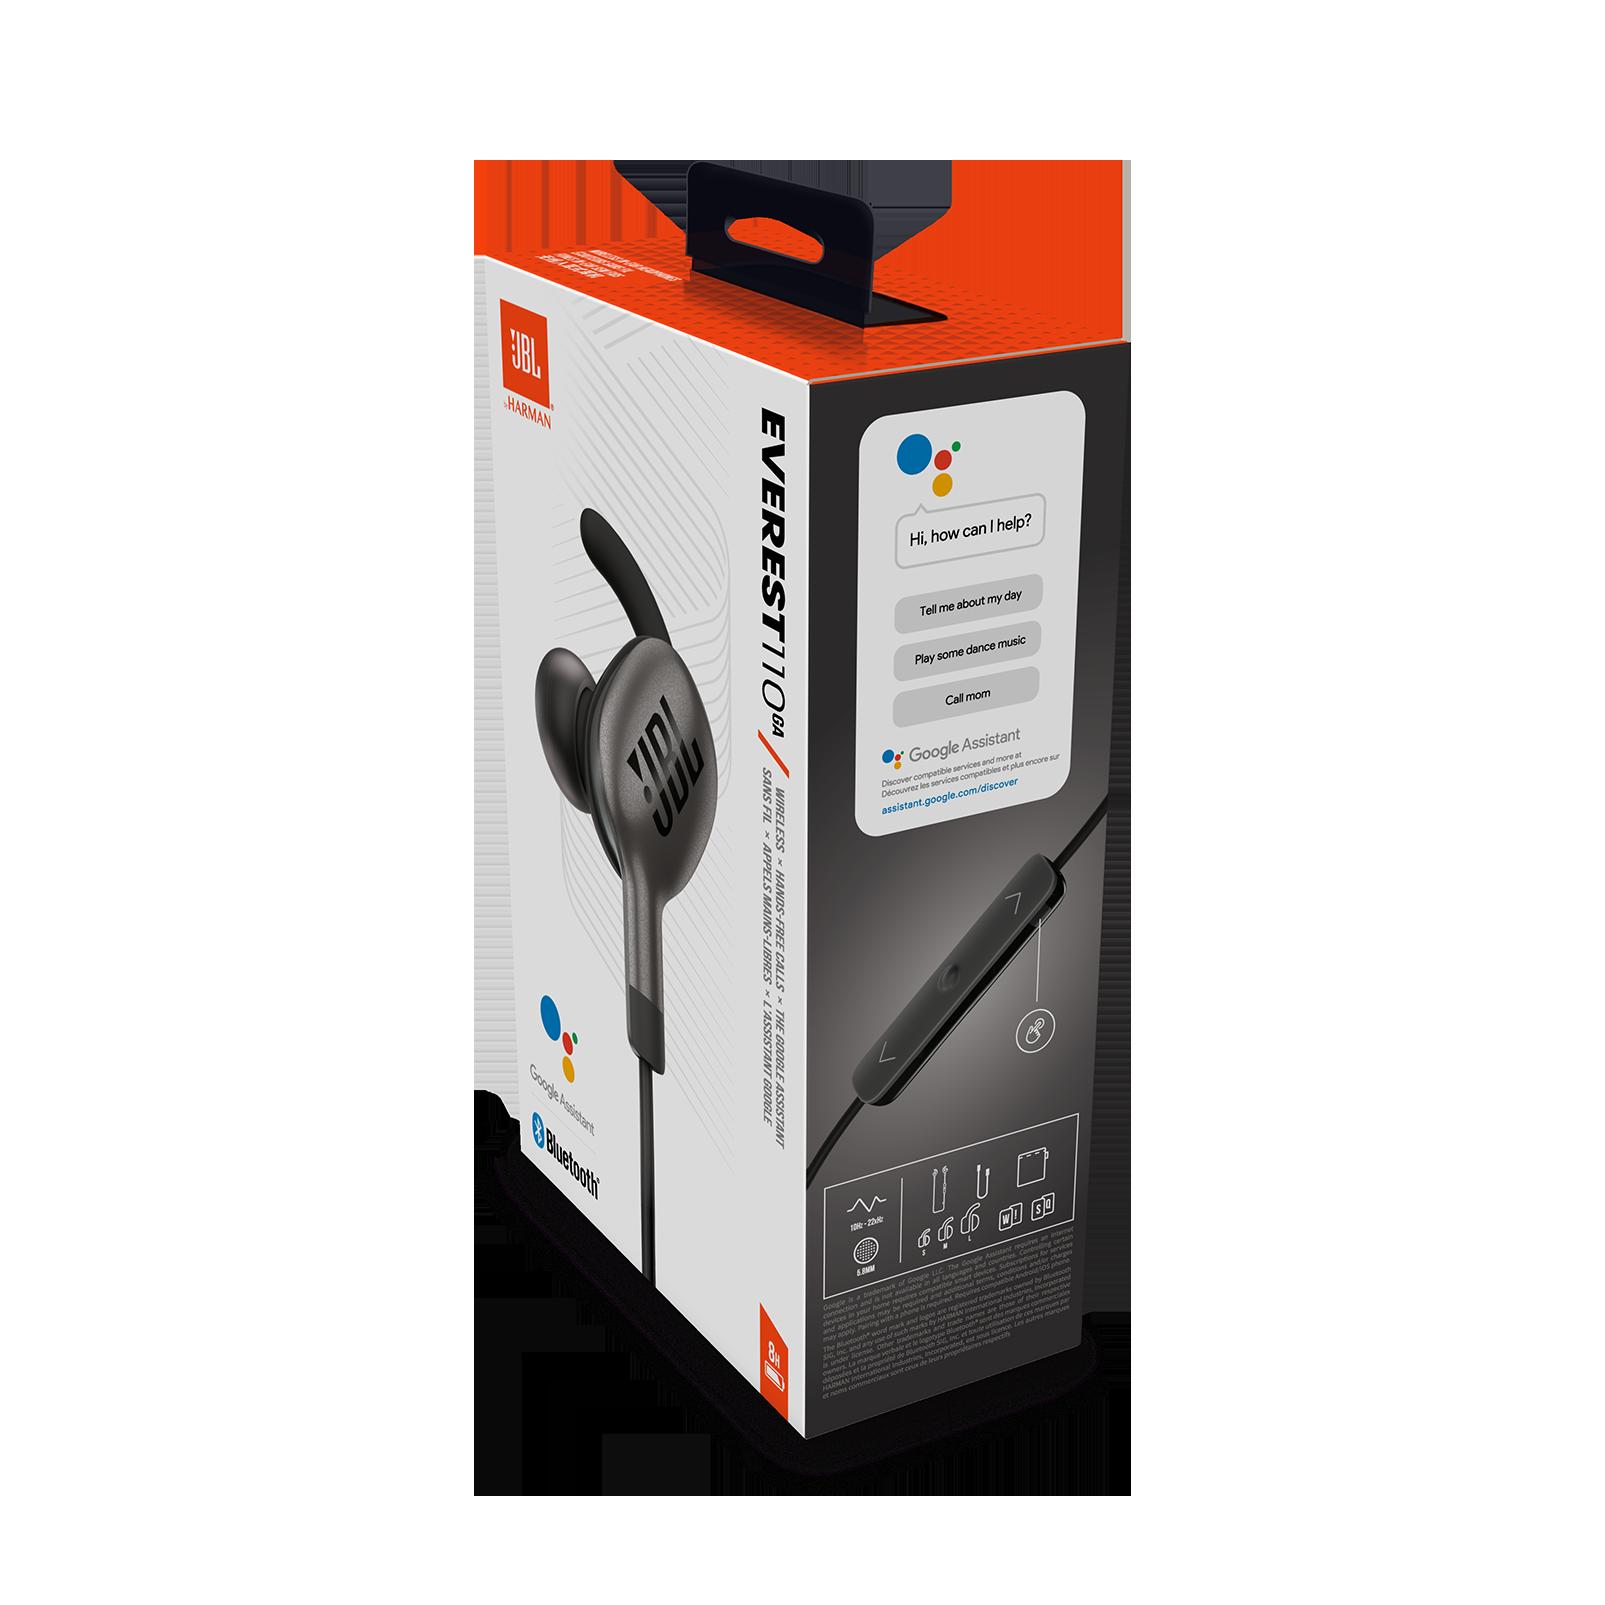 719170285e0 EVEREST 110GA | Wireless in-ear headphones